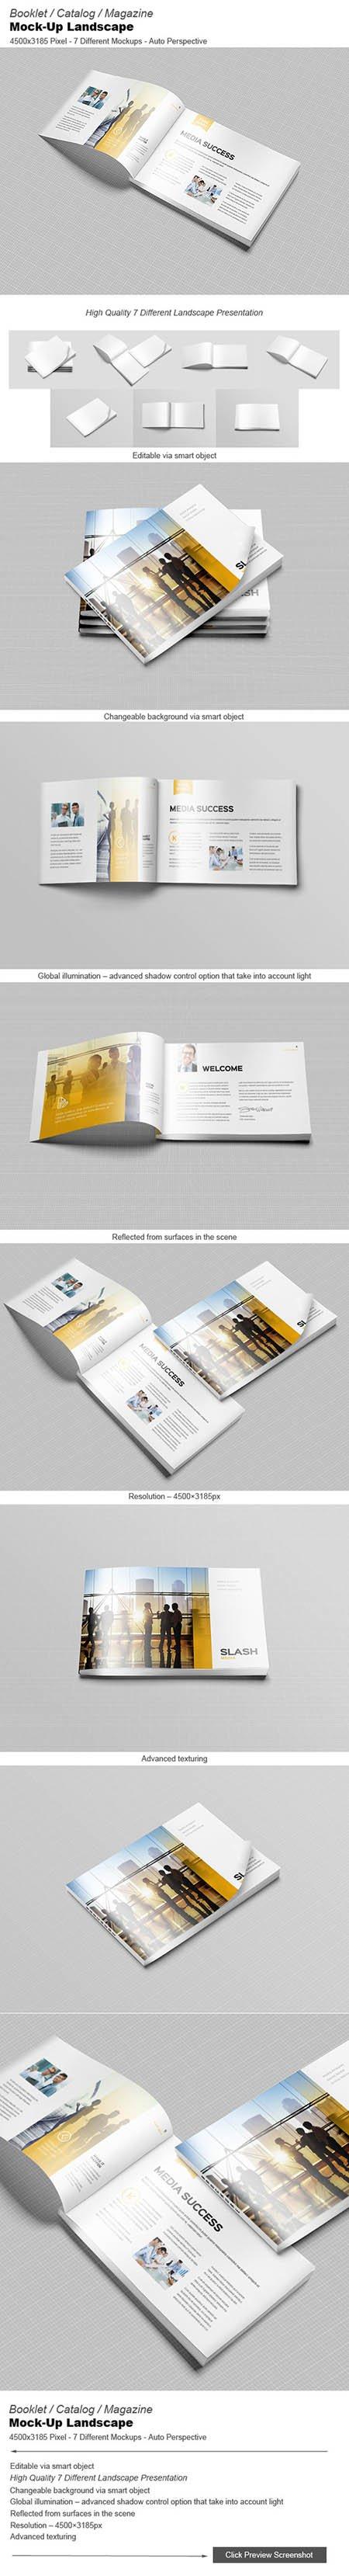 CM - Booklet / Catalog / Mock-Ups 348924